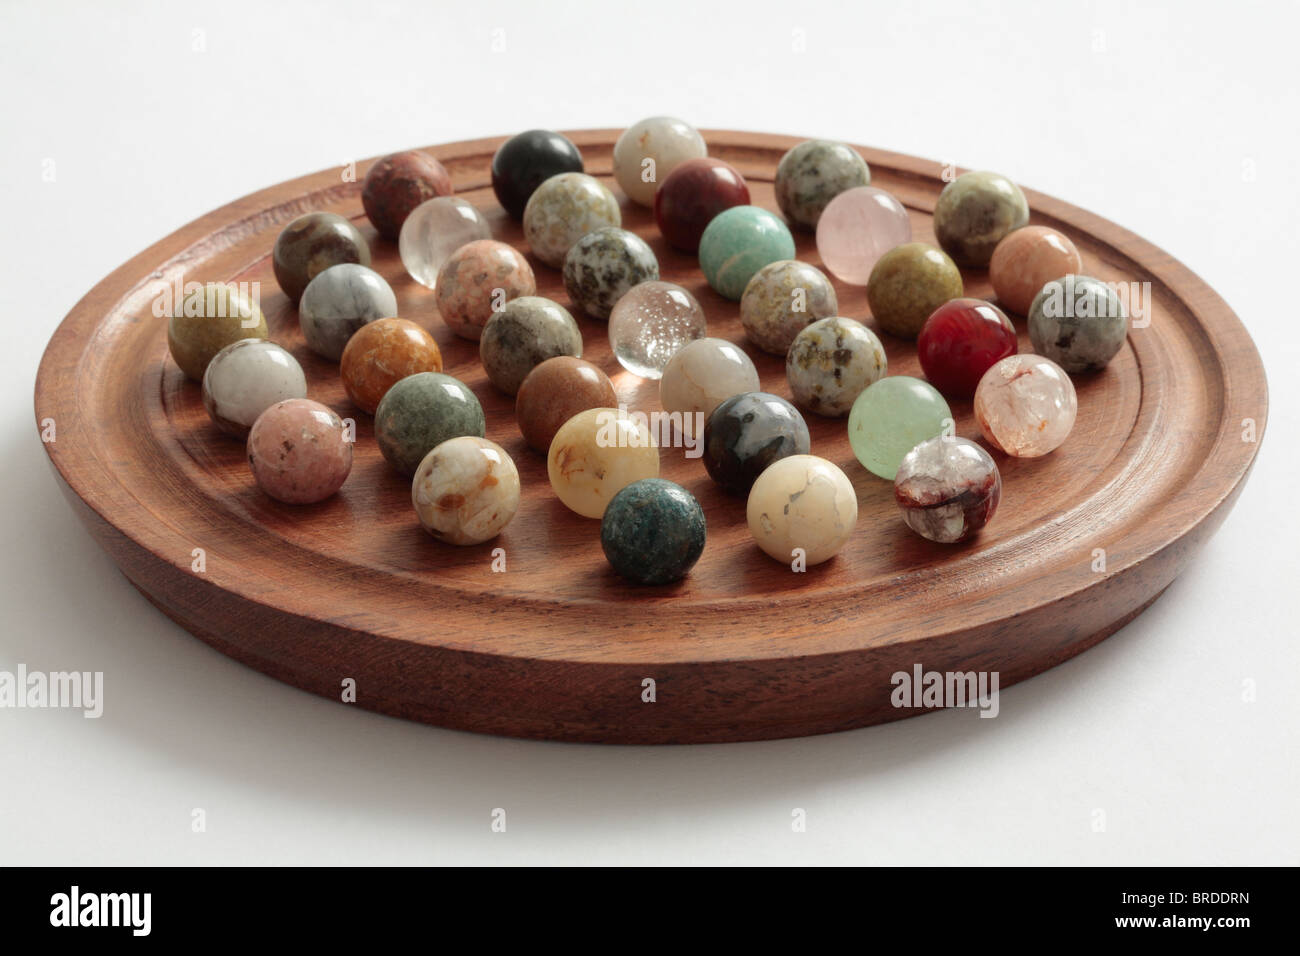 Carte de solitaire avec des boules en pierre gemmes. Photo Stock